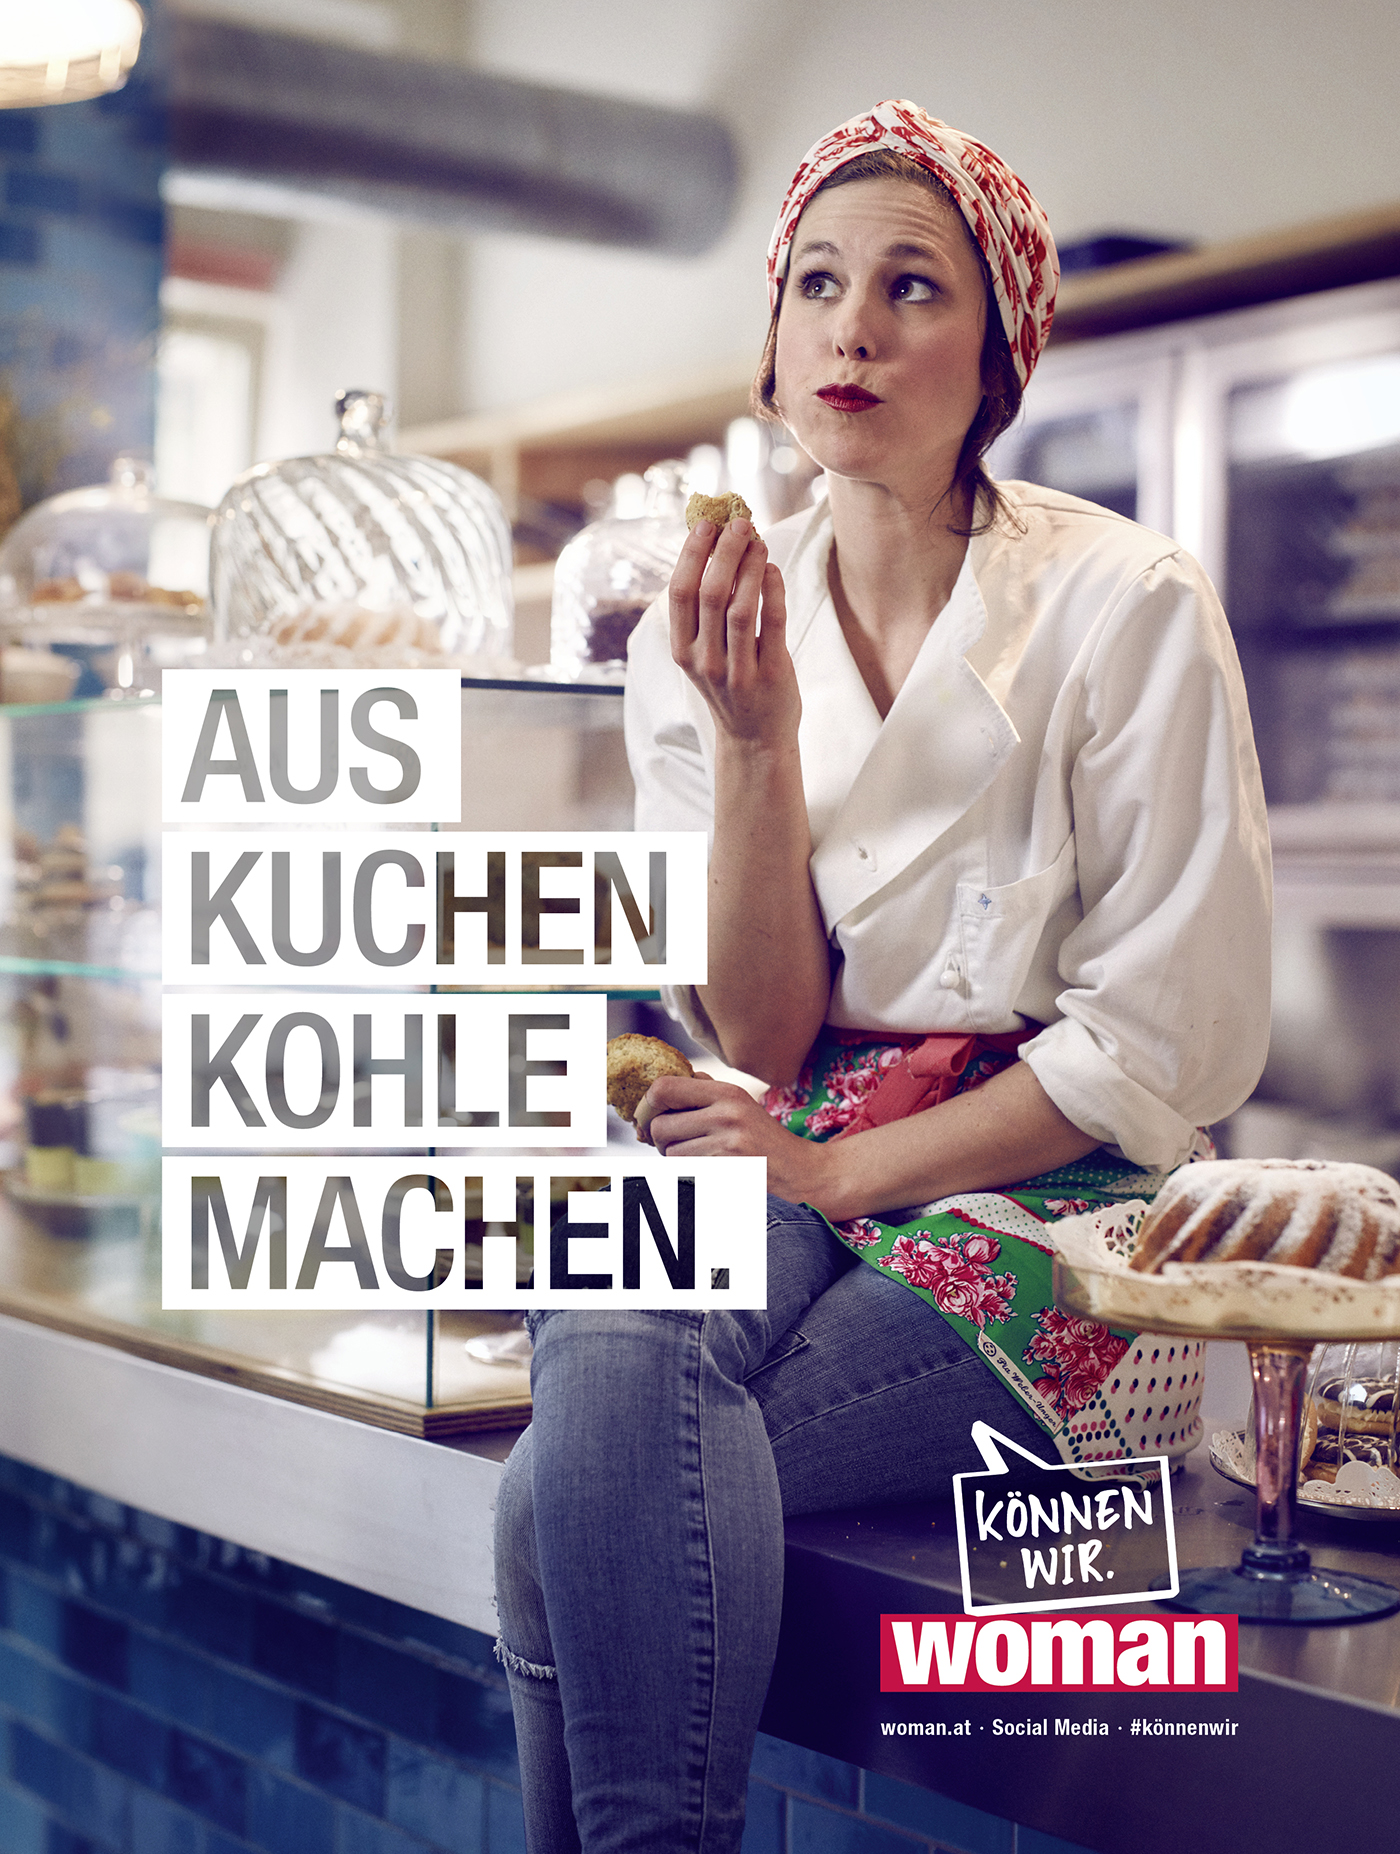 Woman-IMAGEkoennenwir-Print-Kuchen